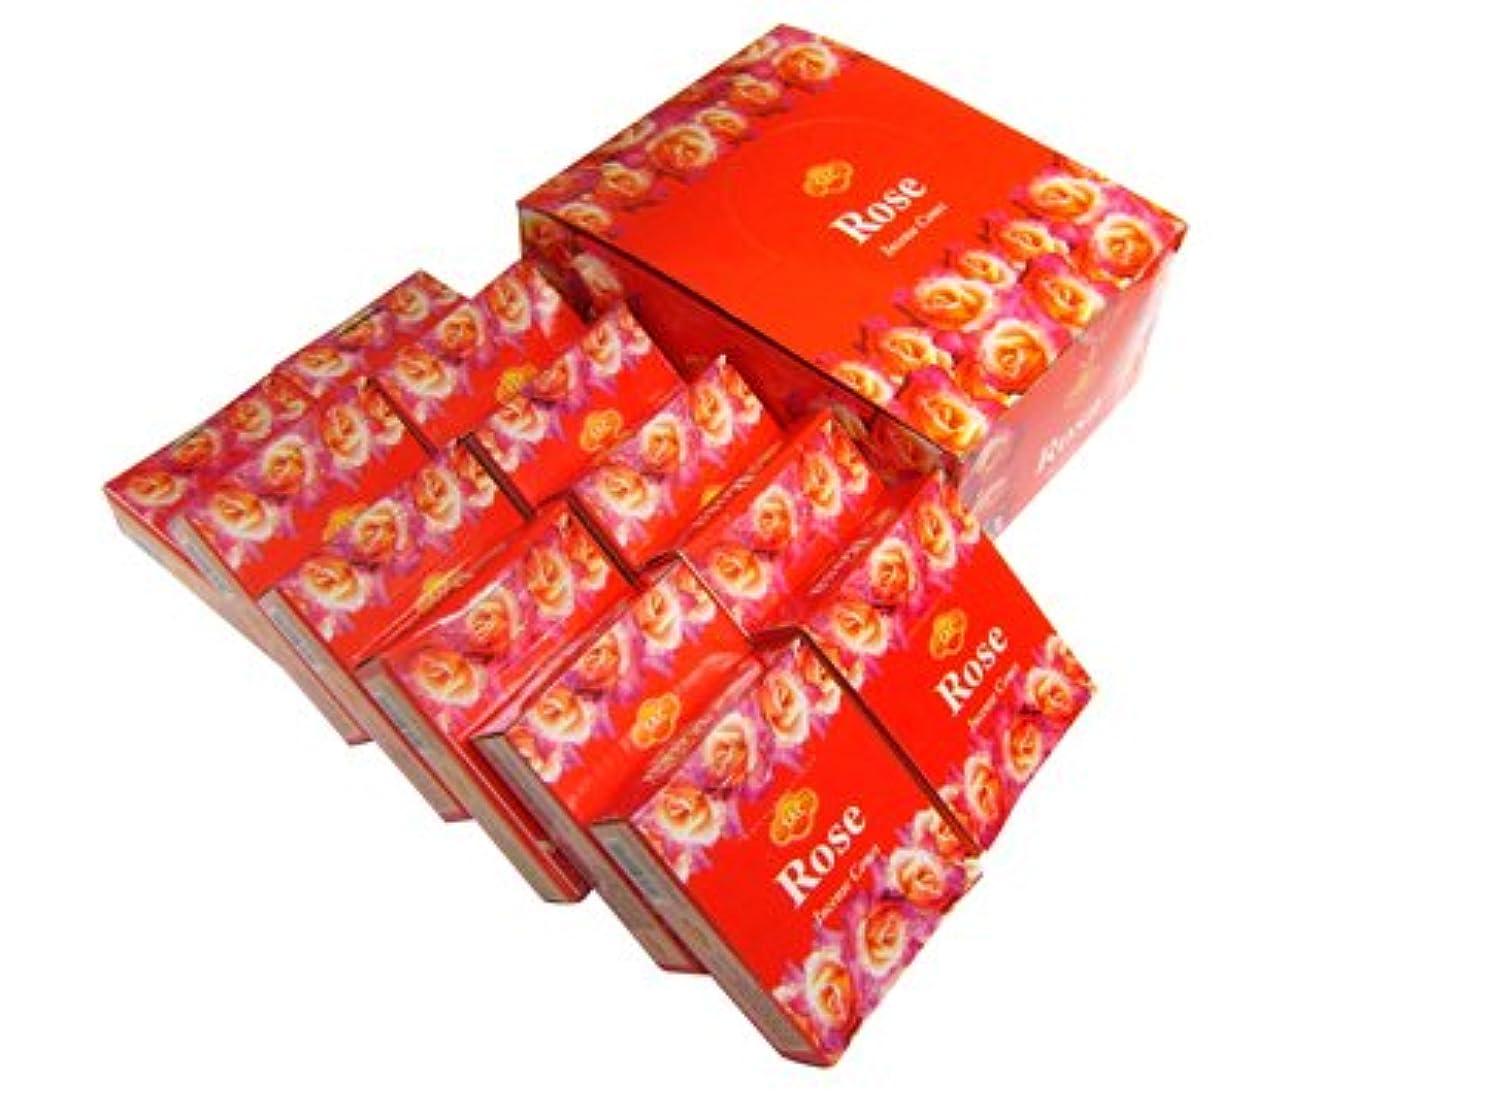 小数を除く破壊SANDESH SAC (サンデッシュ) ローズ香コーンタイプ ROSE CORN 12箱セット